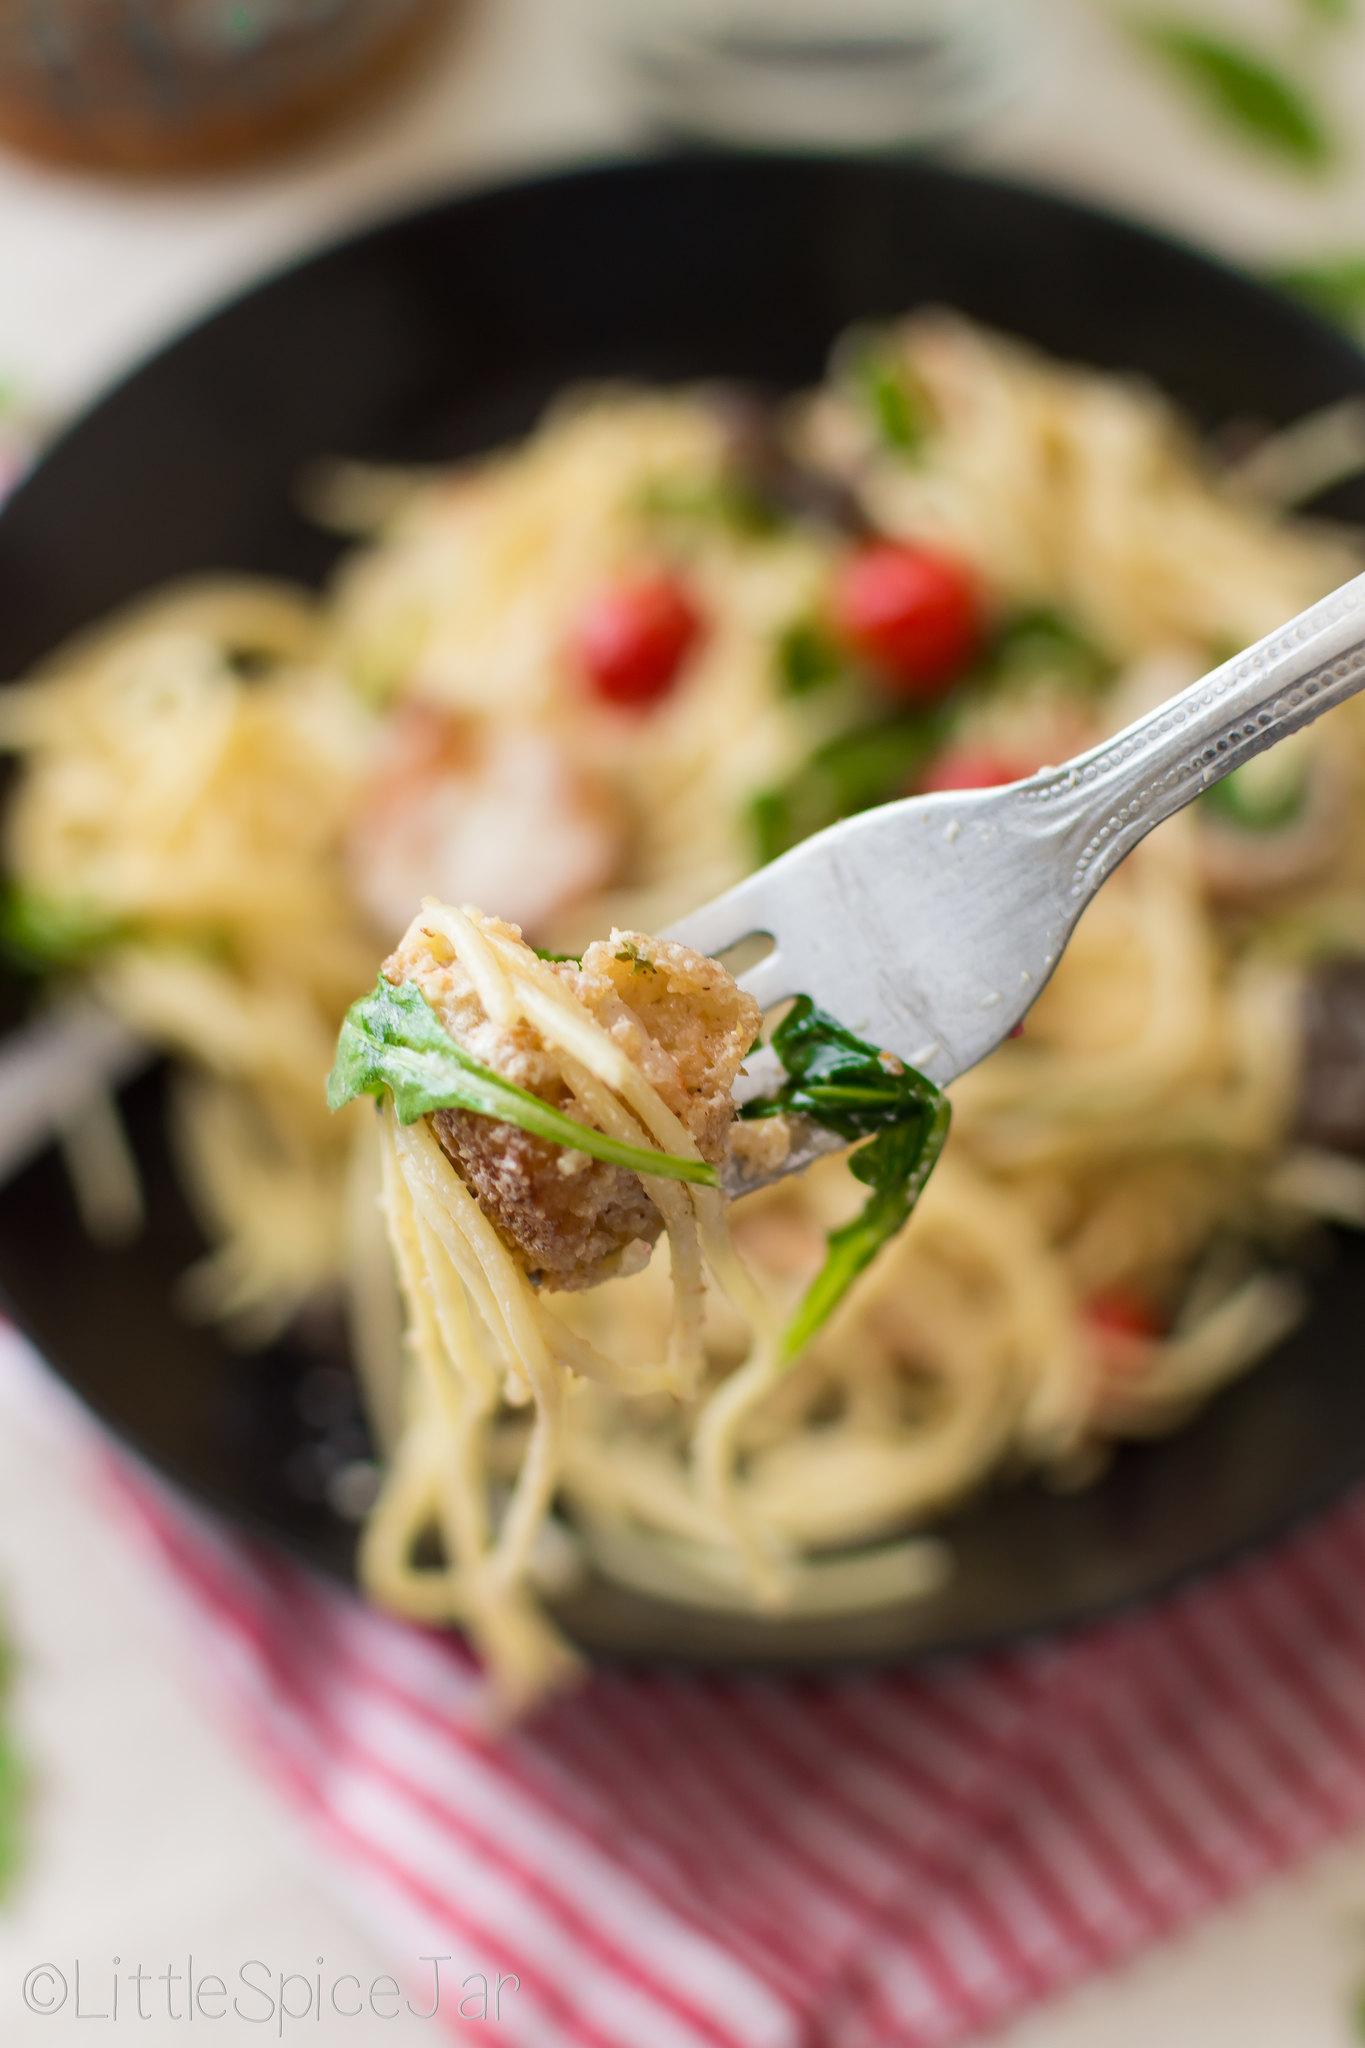 shrimp pasta and arugula on fork